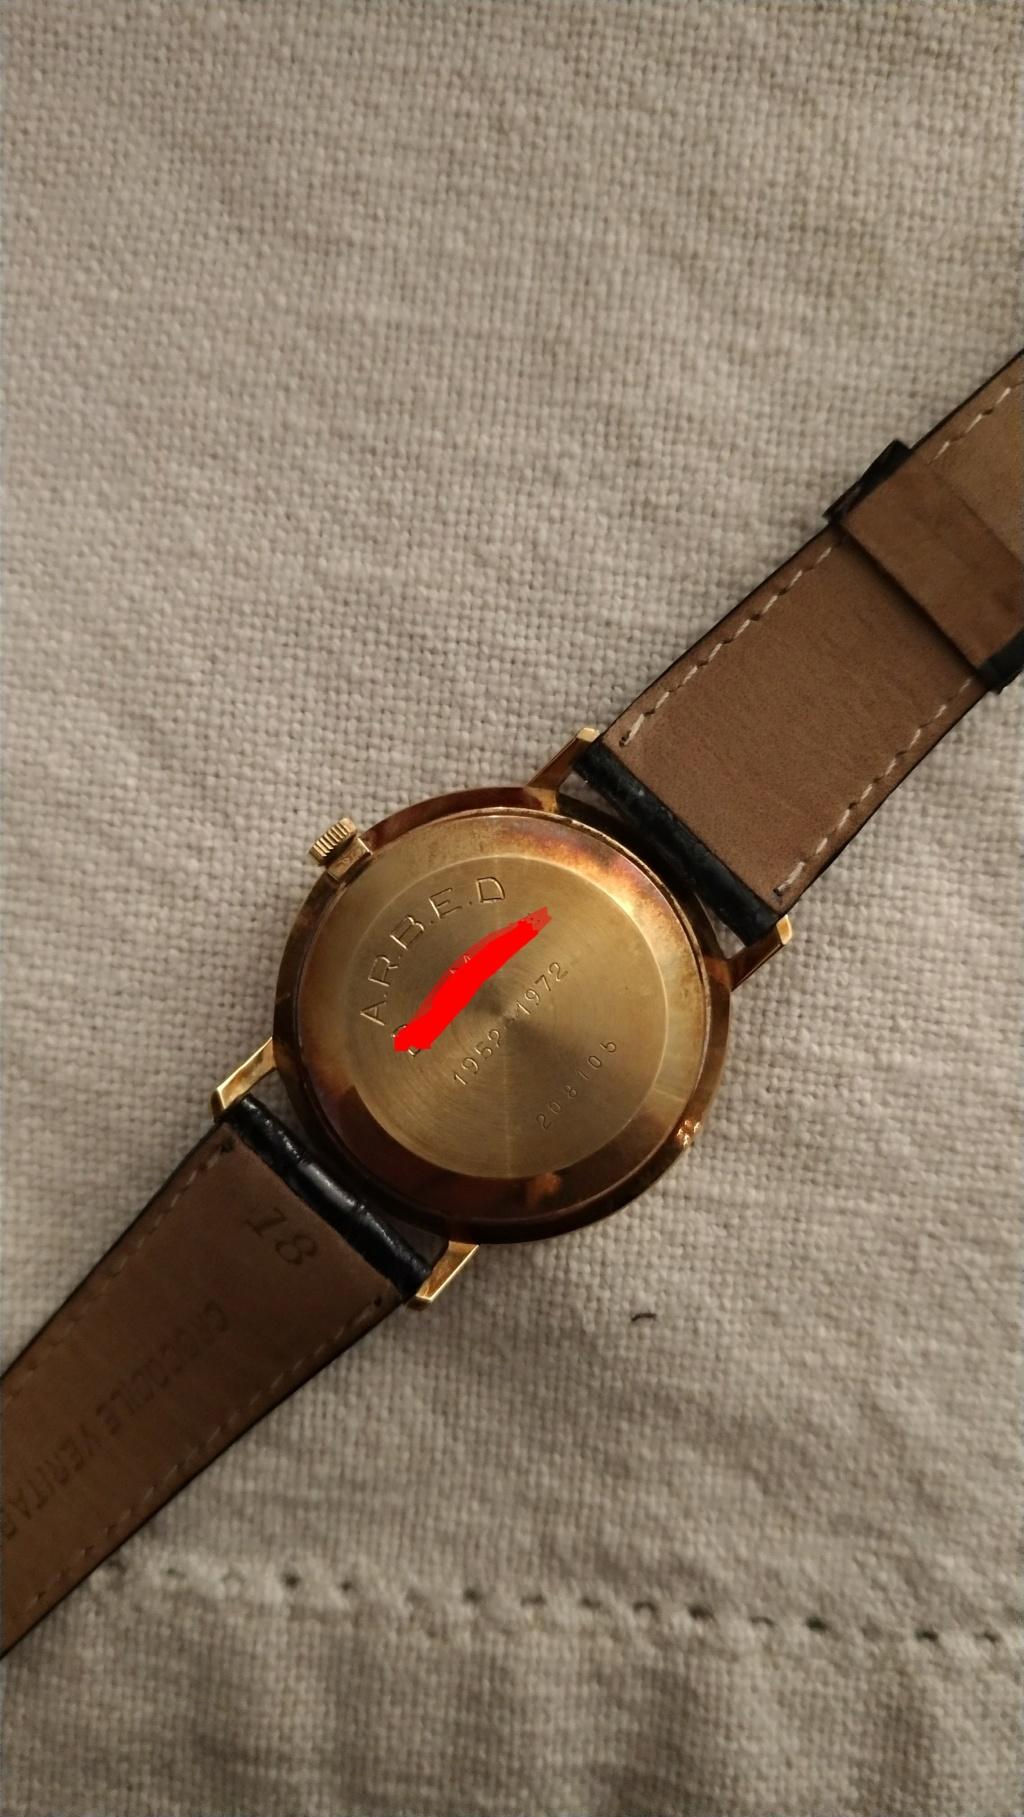 Mido -  [Postez ICI les demandes d'IDENTIFICATION et RENSEIGNEMENTS de vos montres] - Page 33 P_202013